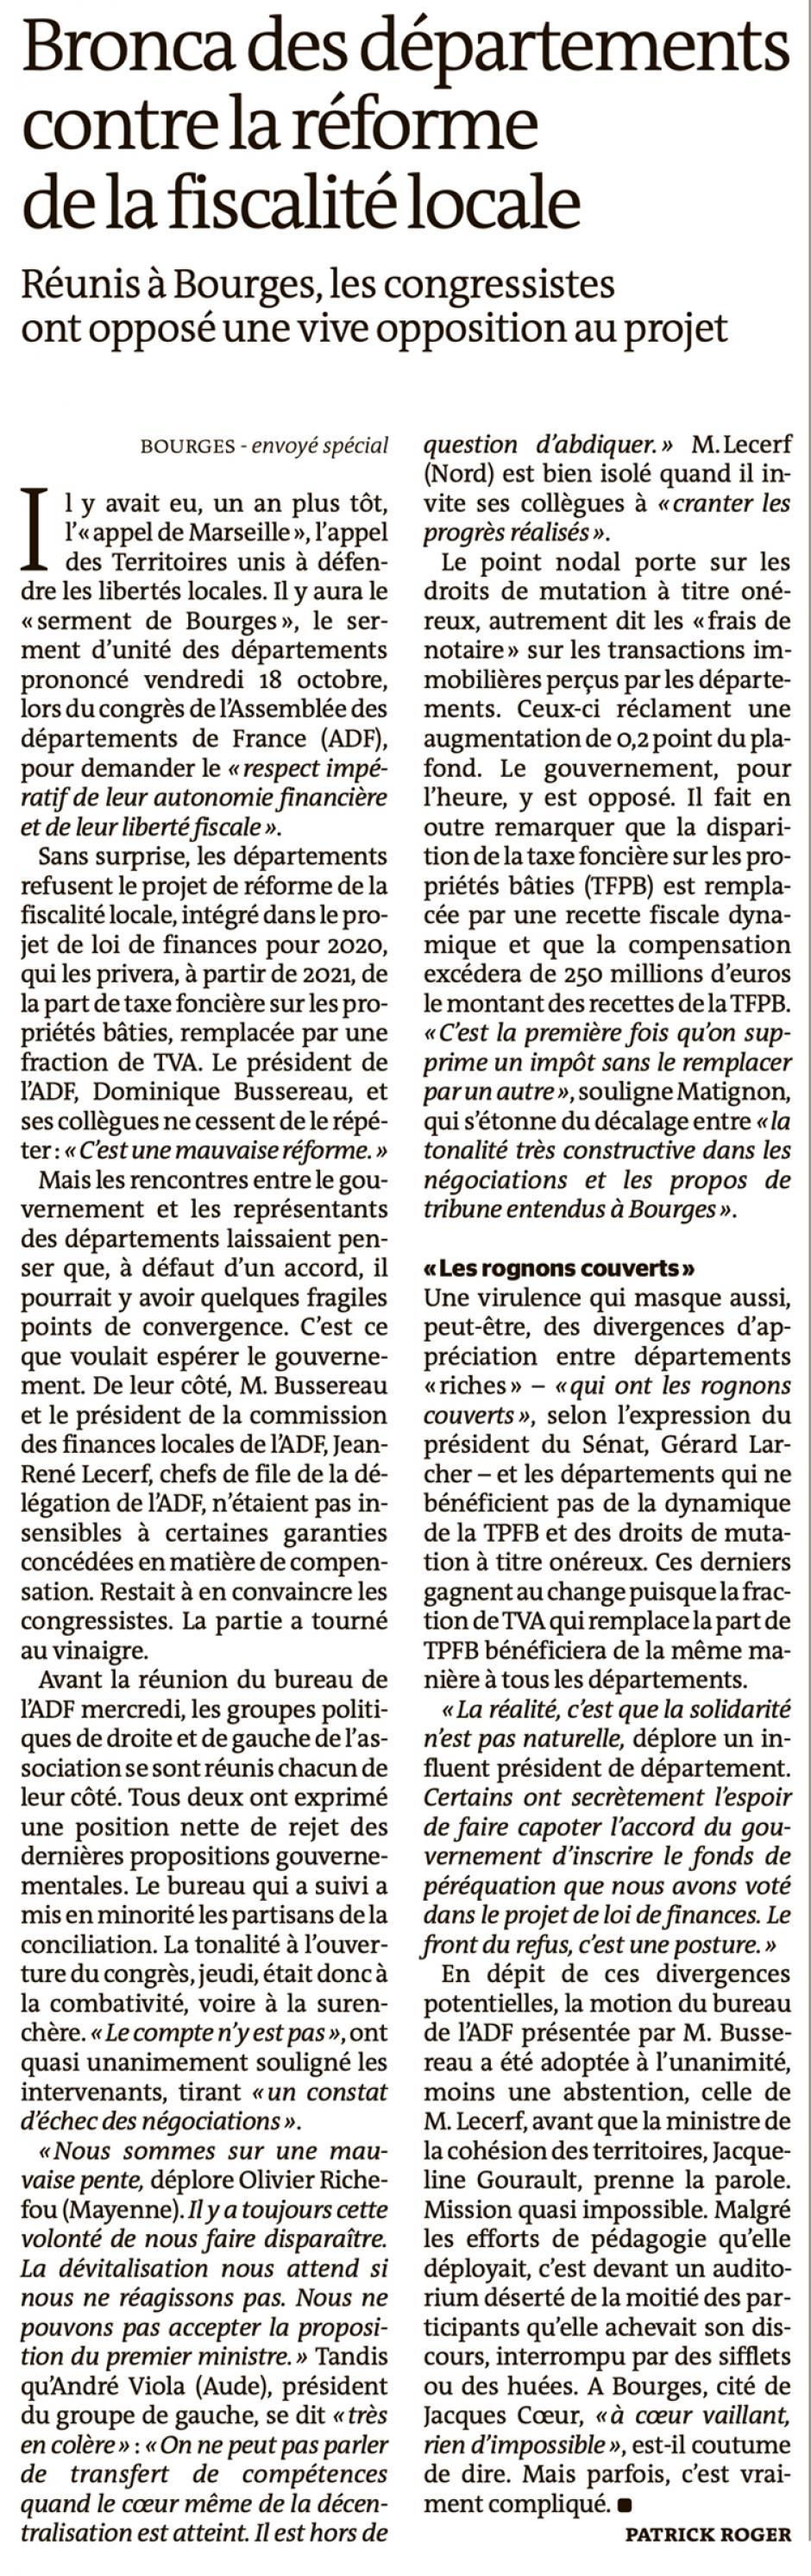 20191020-LeM-Bourges-Bronca des départements contre la réforme de la fiscalité locale